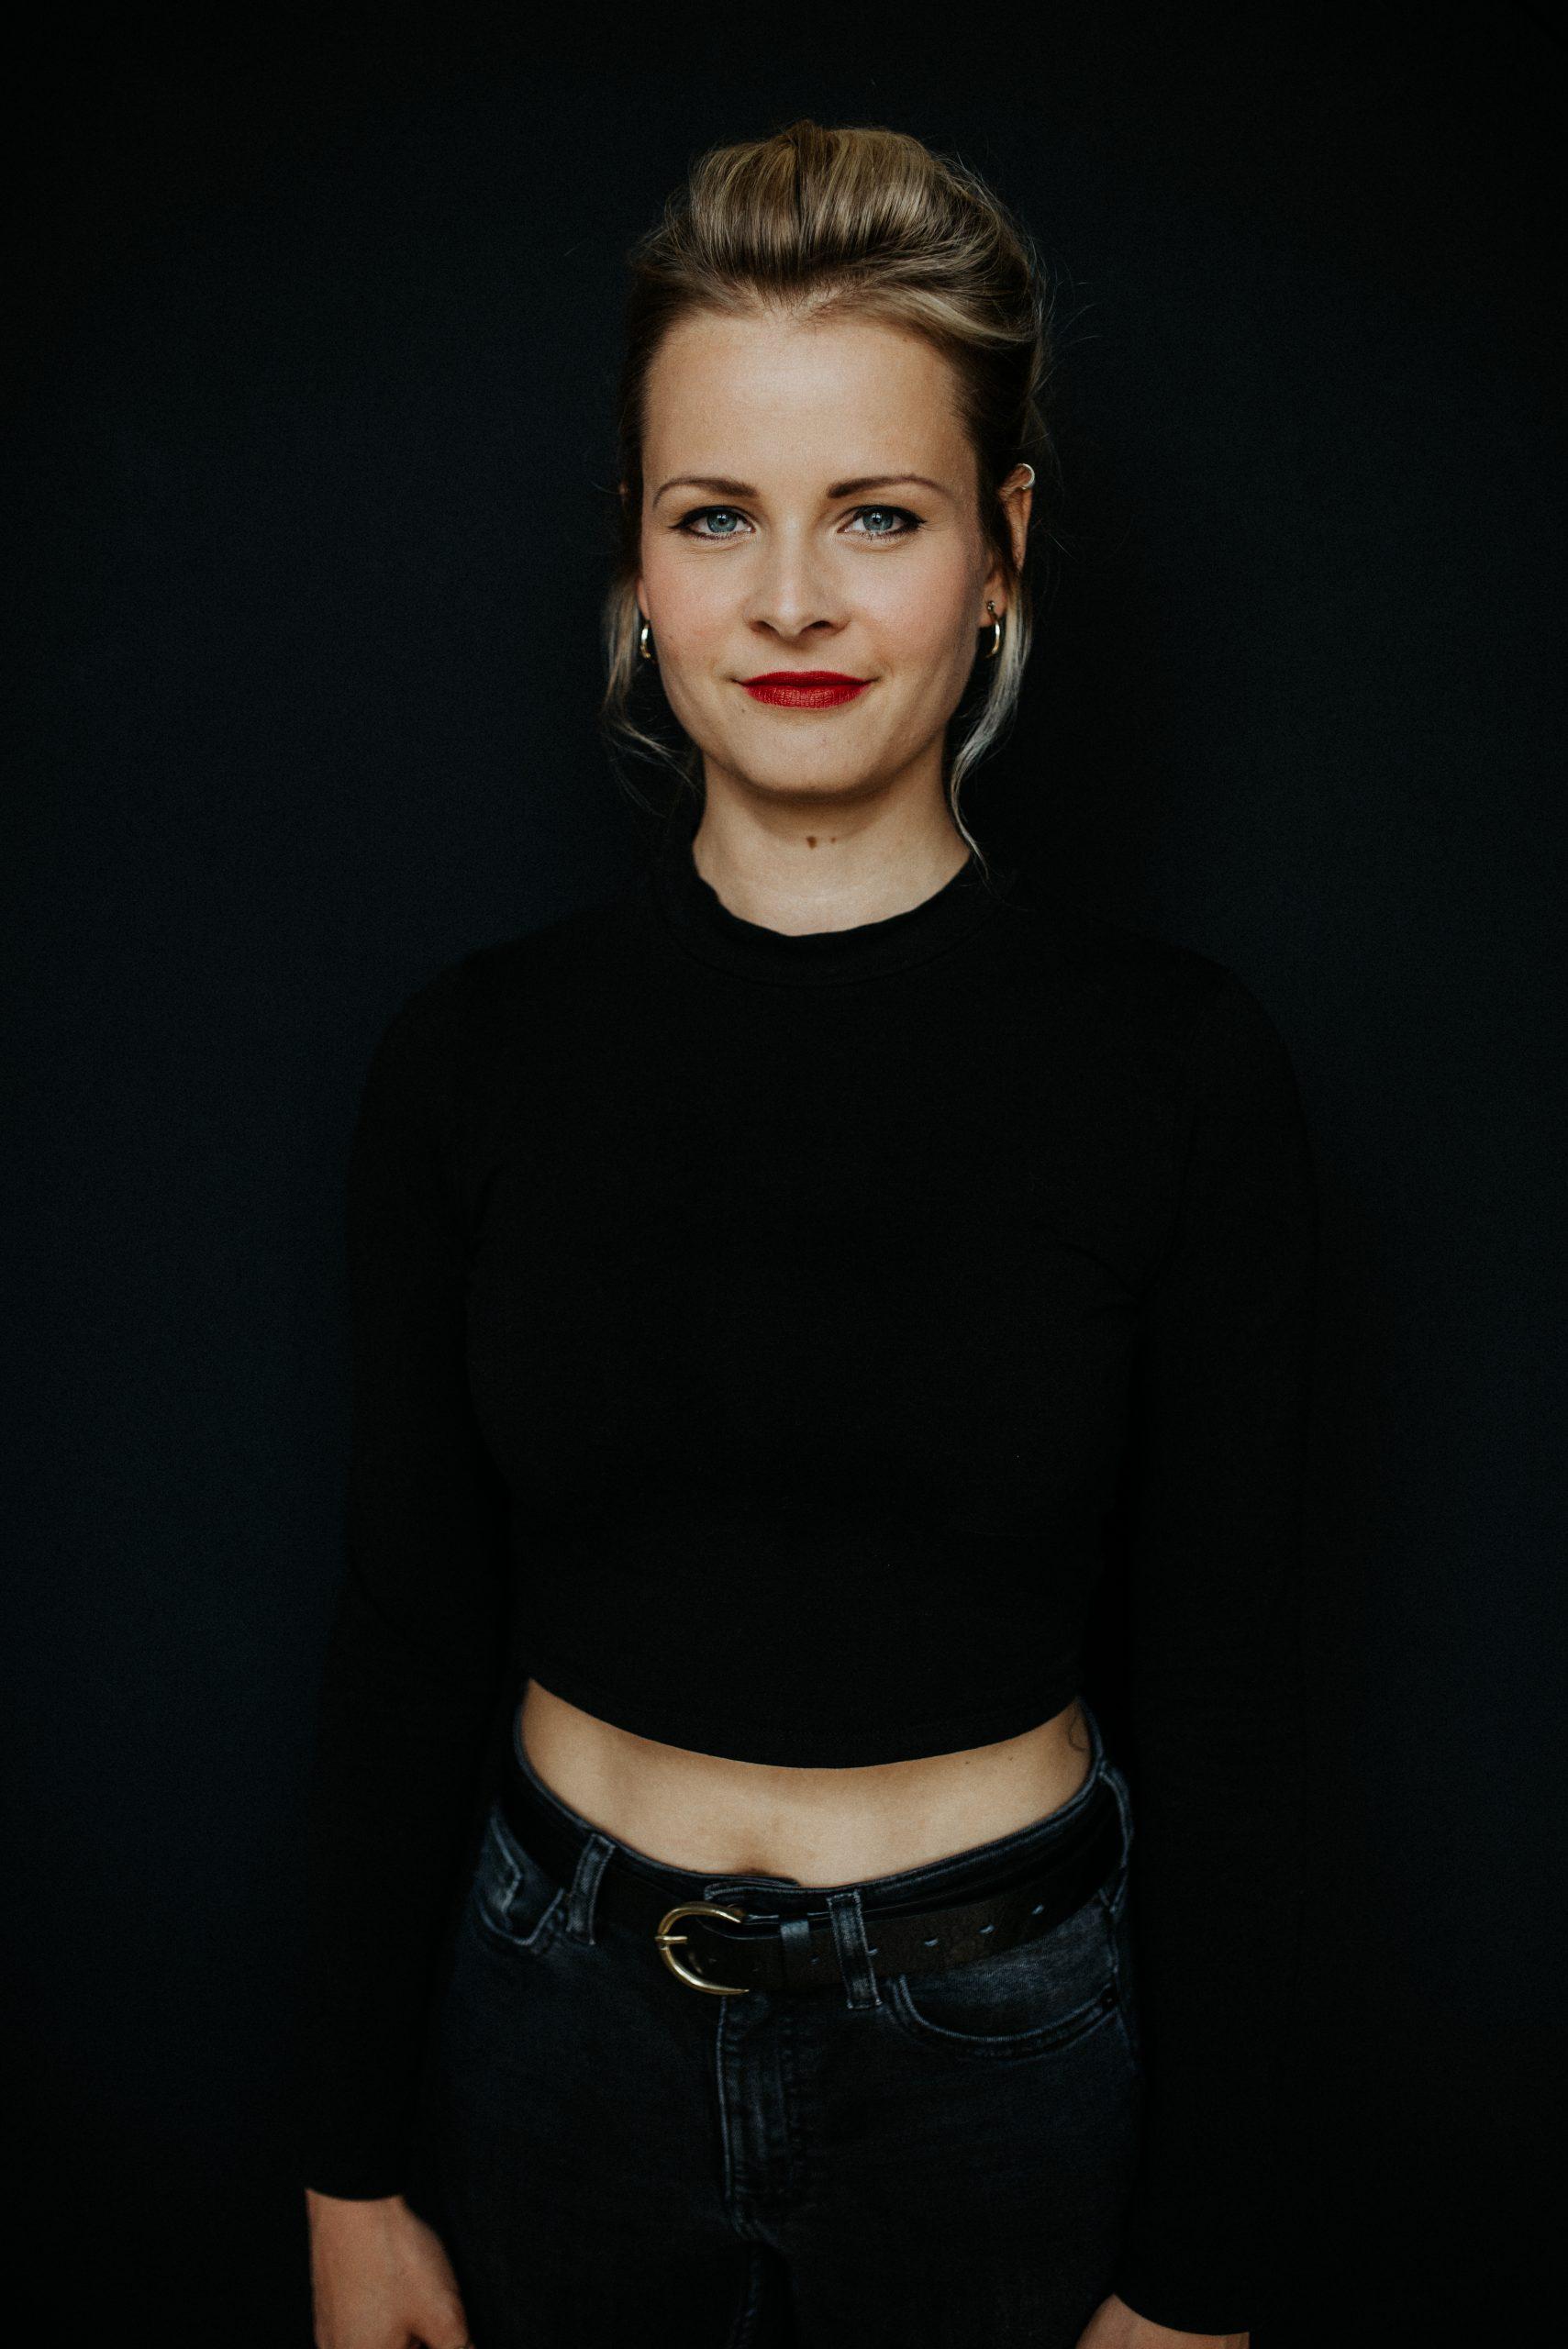 Frau vor dunklem Hintergrund